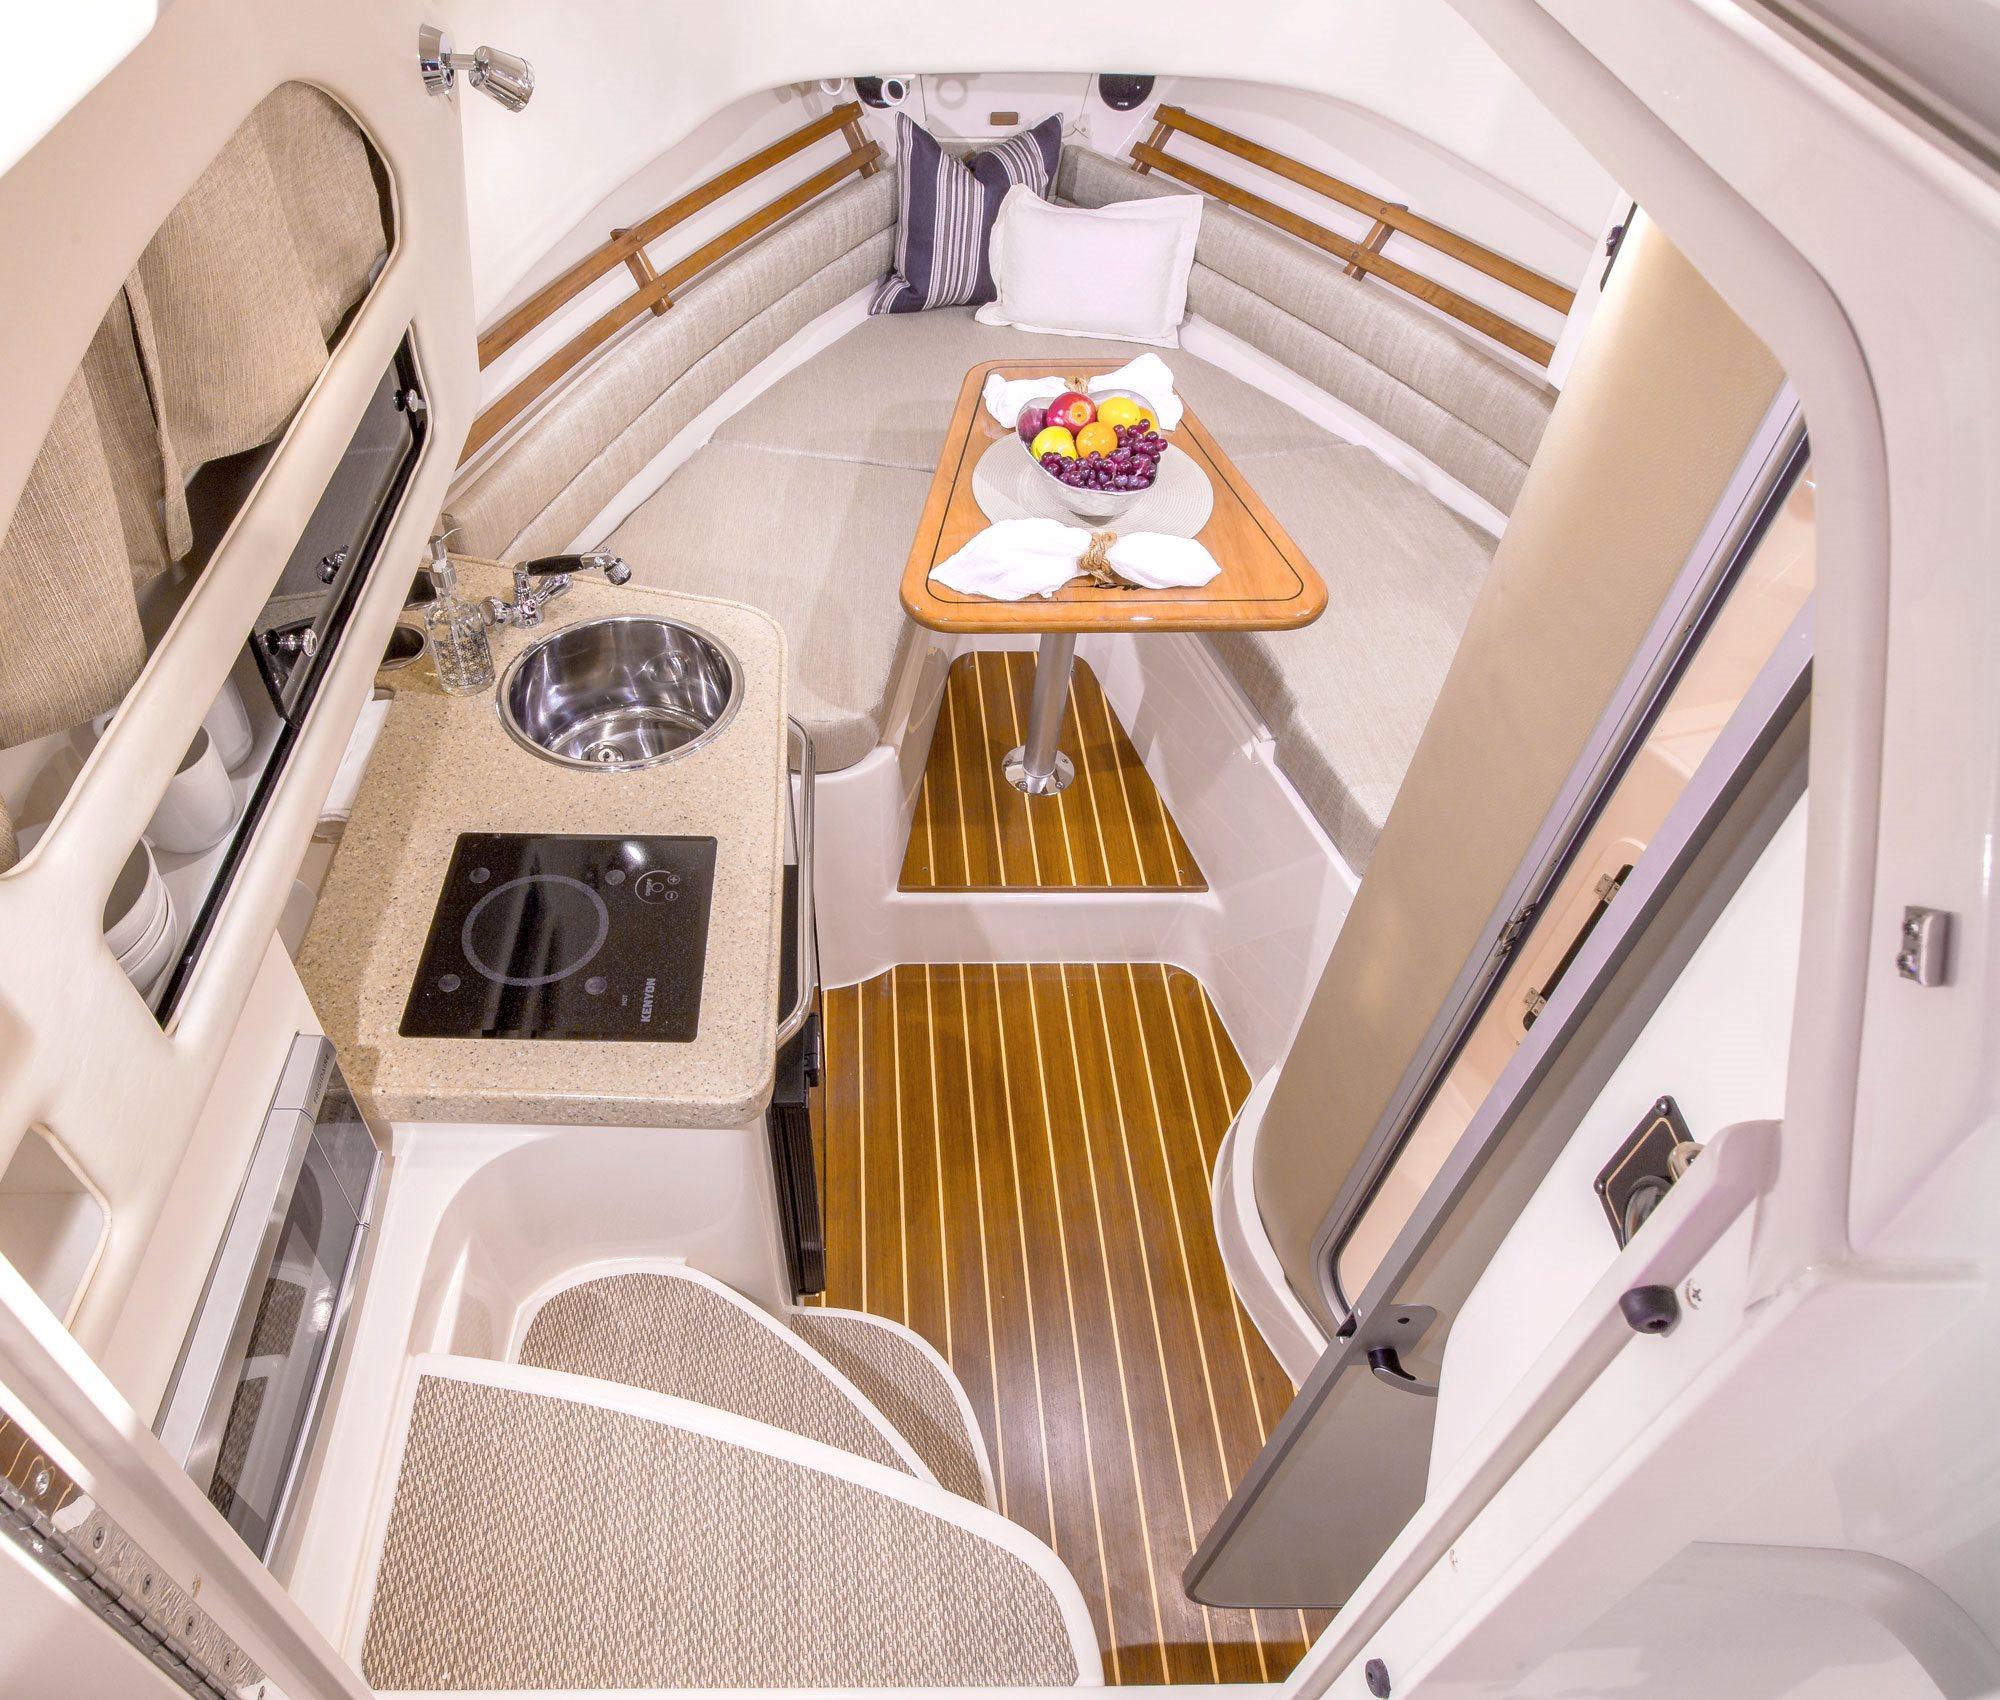 grady white marlin 300 walkaround cabin  grady white wiring diagram #13